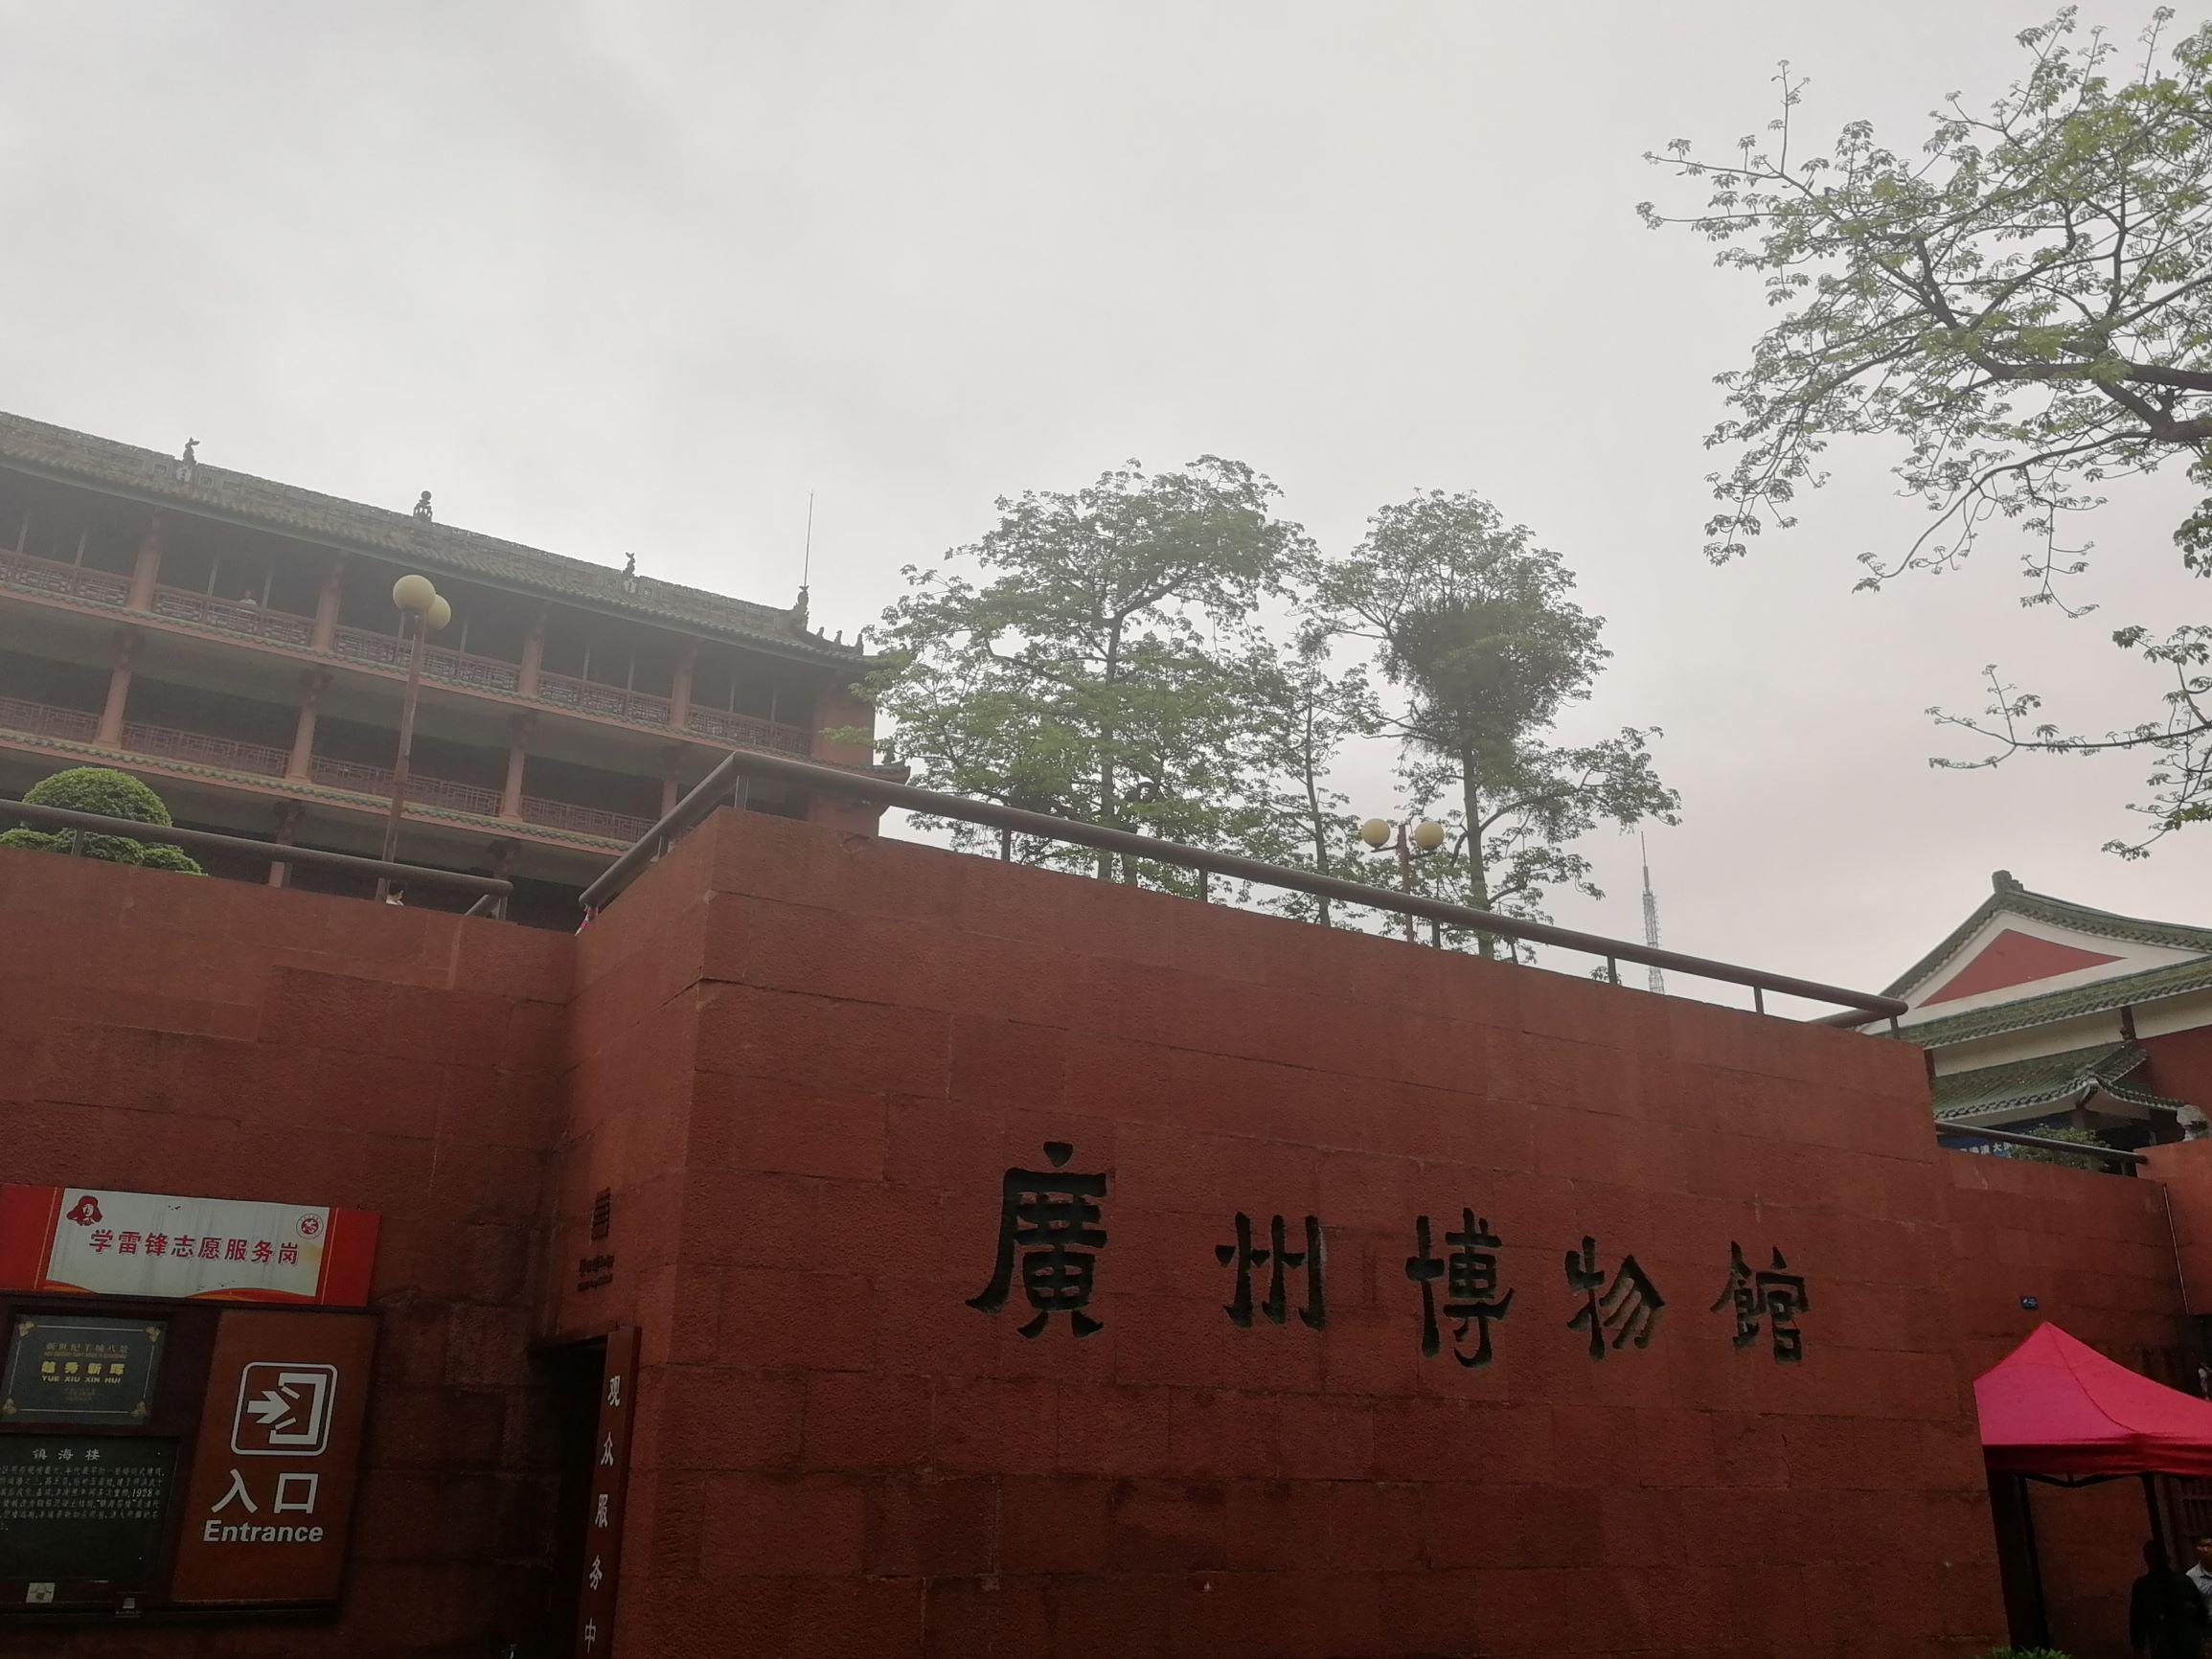 广州之广州博物馆一游